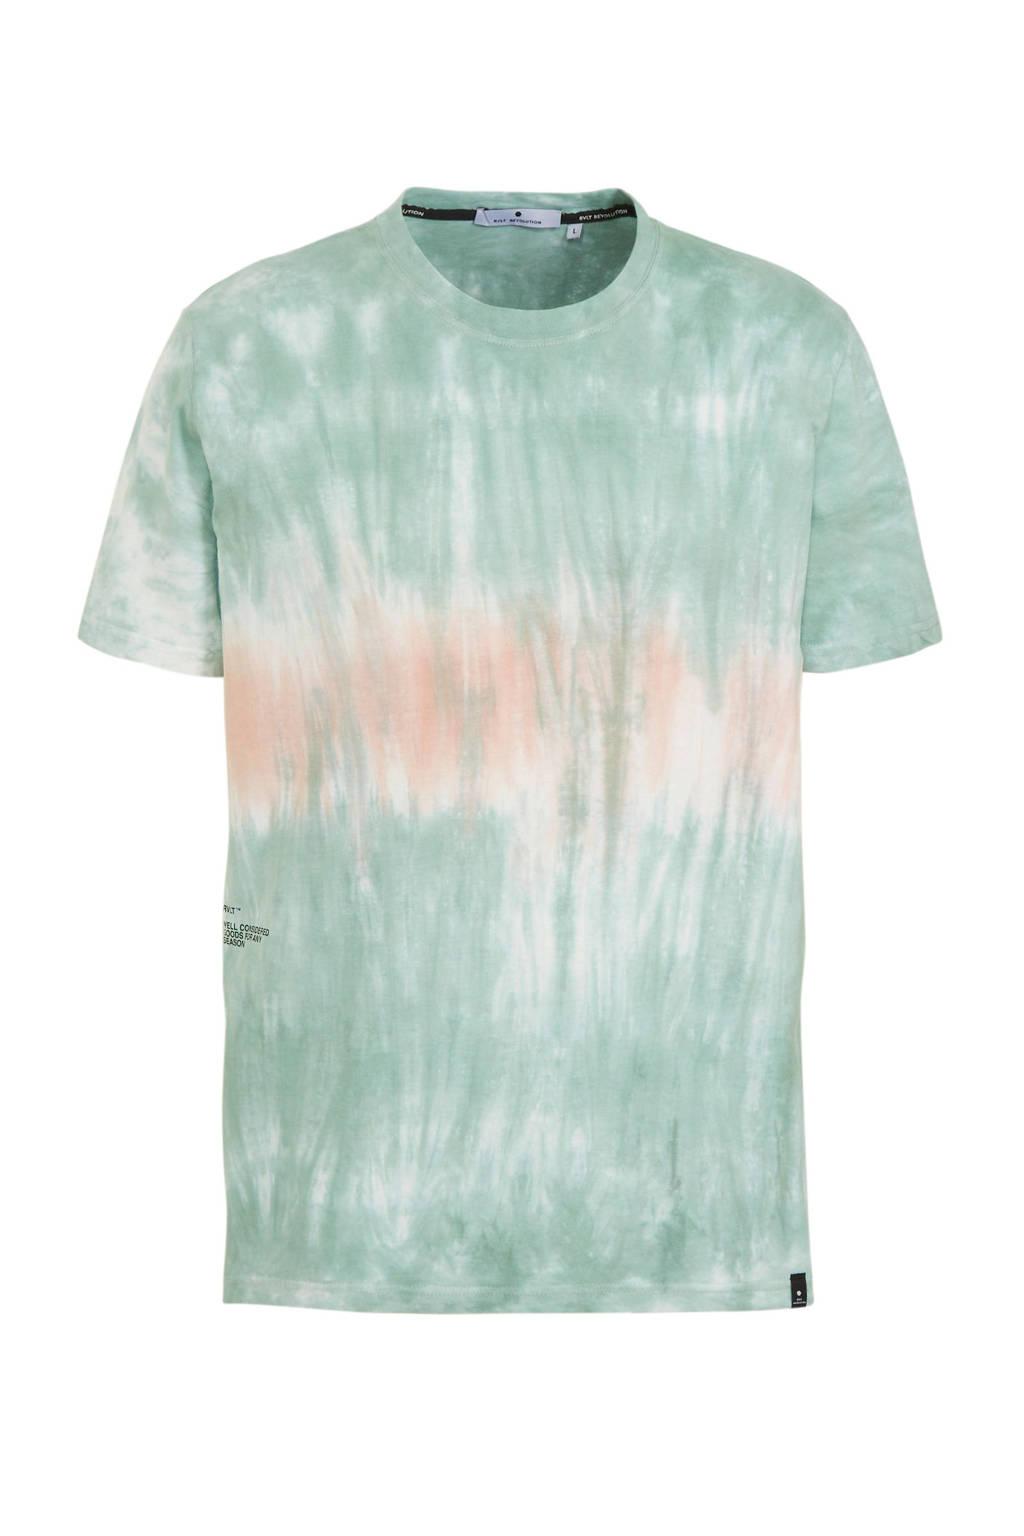 RVLT gemêleerd T-shirt lichtblauw, Lichtblauw